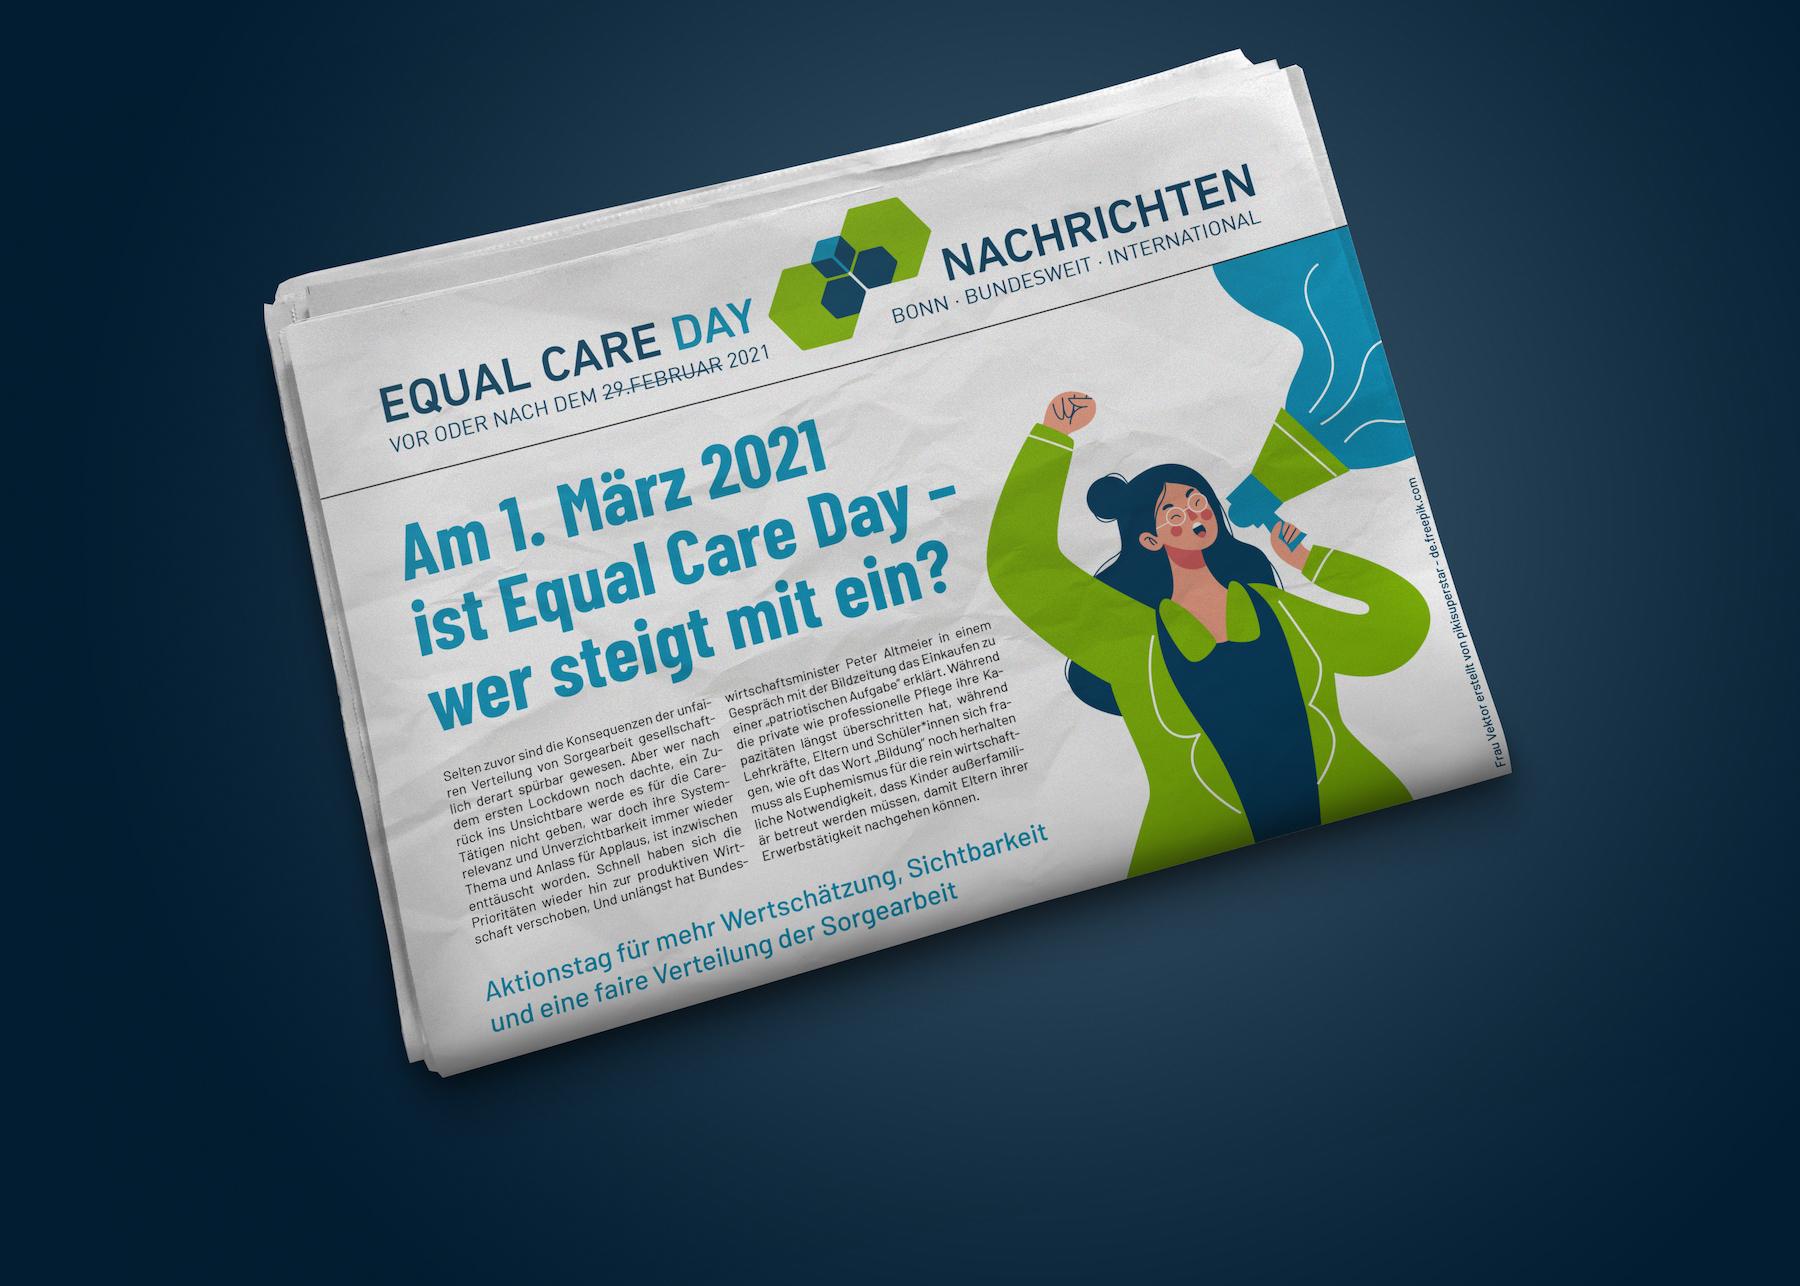 Equal Care Day am 1. März 2021 – Einladung zur Online-Konferenz